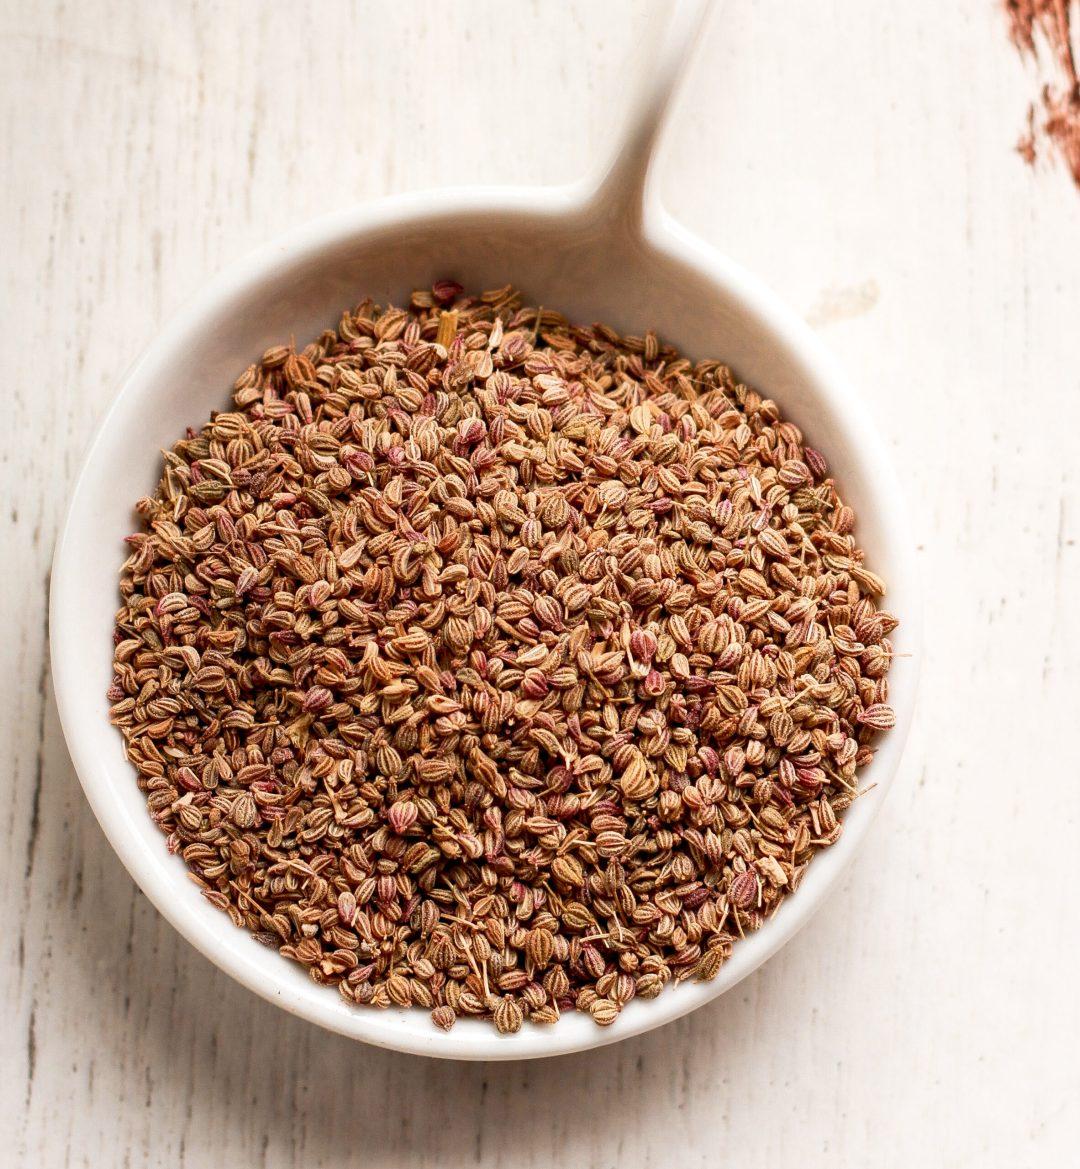 Ajwain / Carom Seeds